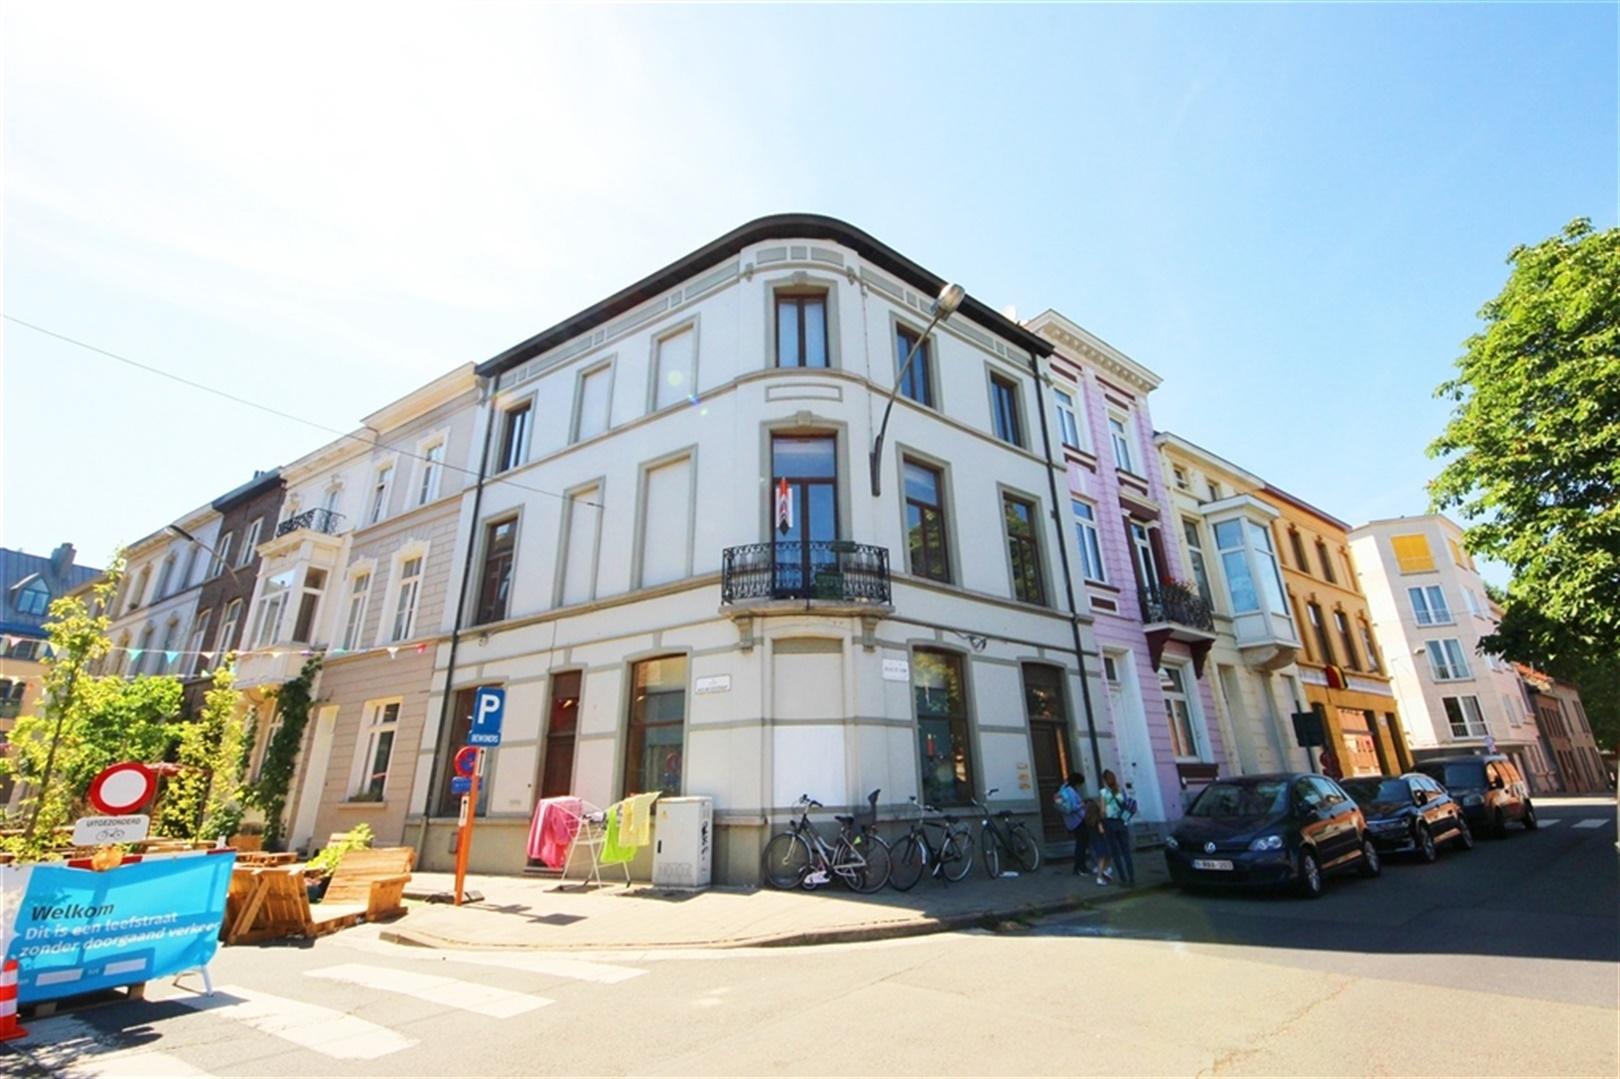 Opbrengsteigendom (4 appartementen) op top locatie in Gent